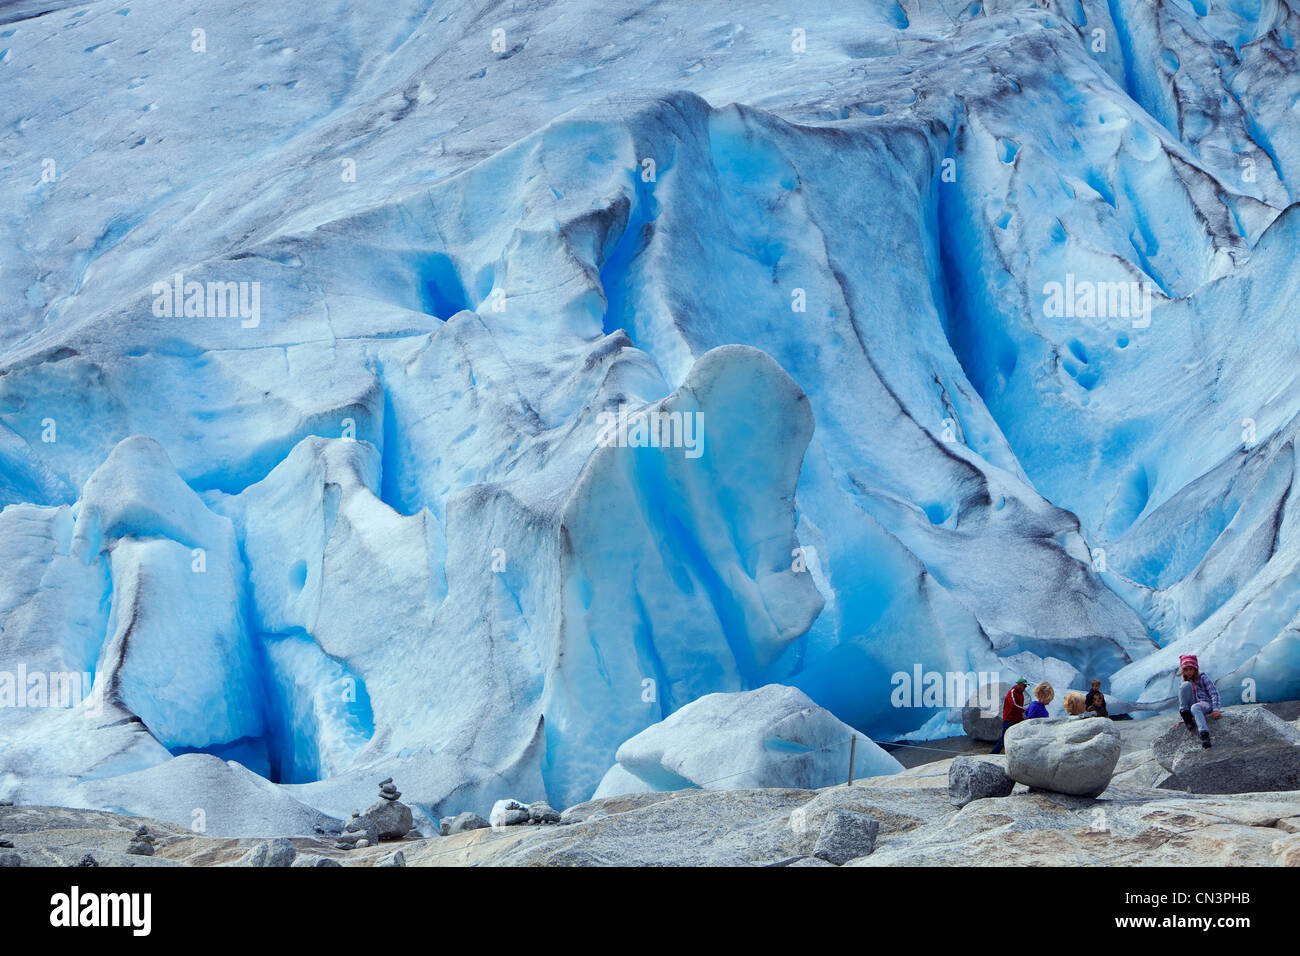 Norway, Sogn og Fjordane County, Sognefjord, Jostedalen Glacier (or Jostedalsbreen or Jostedal Glacier) - Stock Image